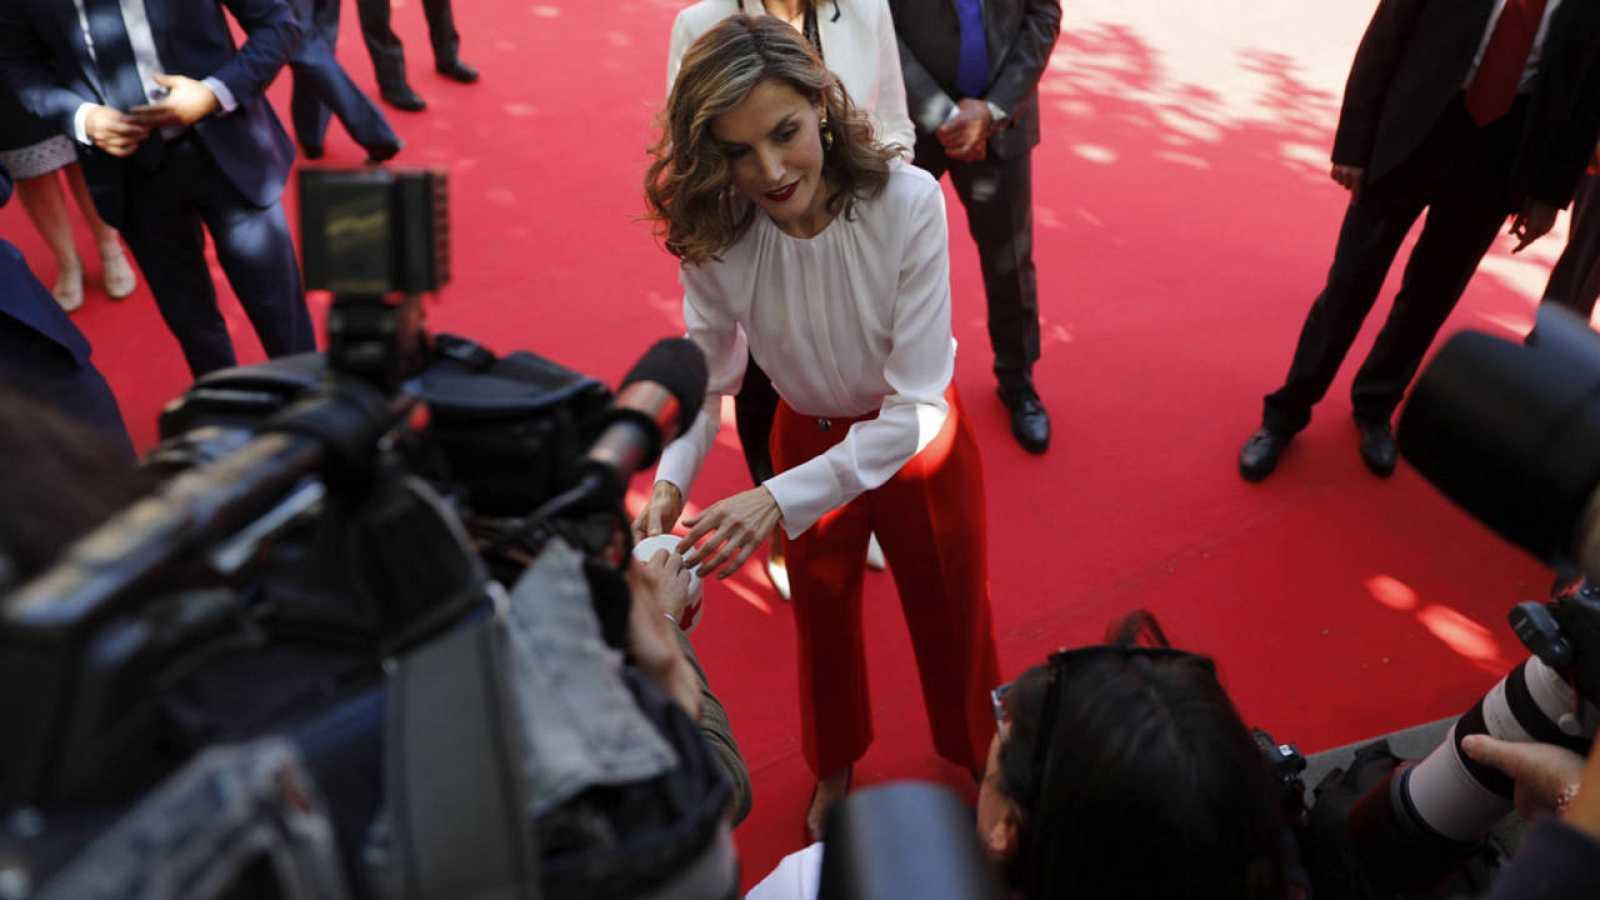 La reina Letizia presidió la mesa de cuestación del Día de la Banderita de Cruz Roja